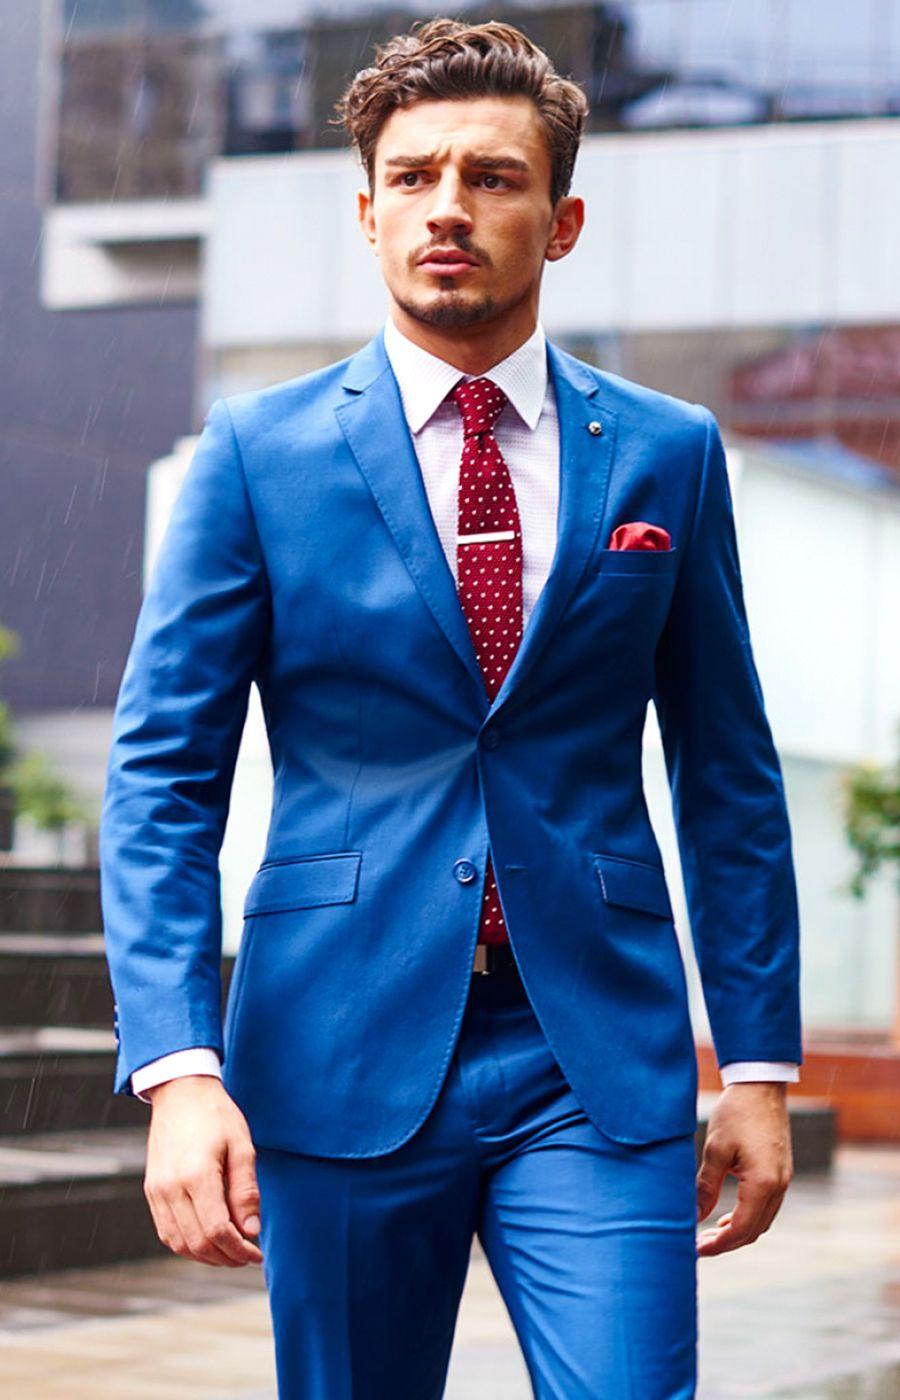 Royal Blue Suit Matching Shirt Shop Clothing Shoes Online In 2021 Blue Suit Men Light Blue Suit Bright Blue Suit